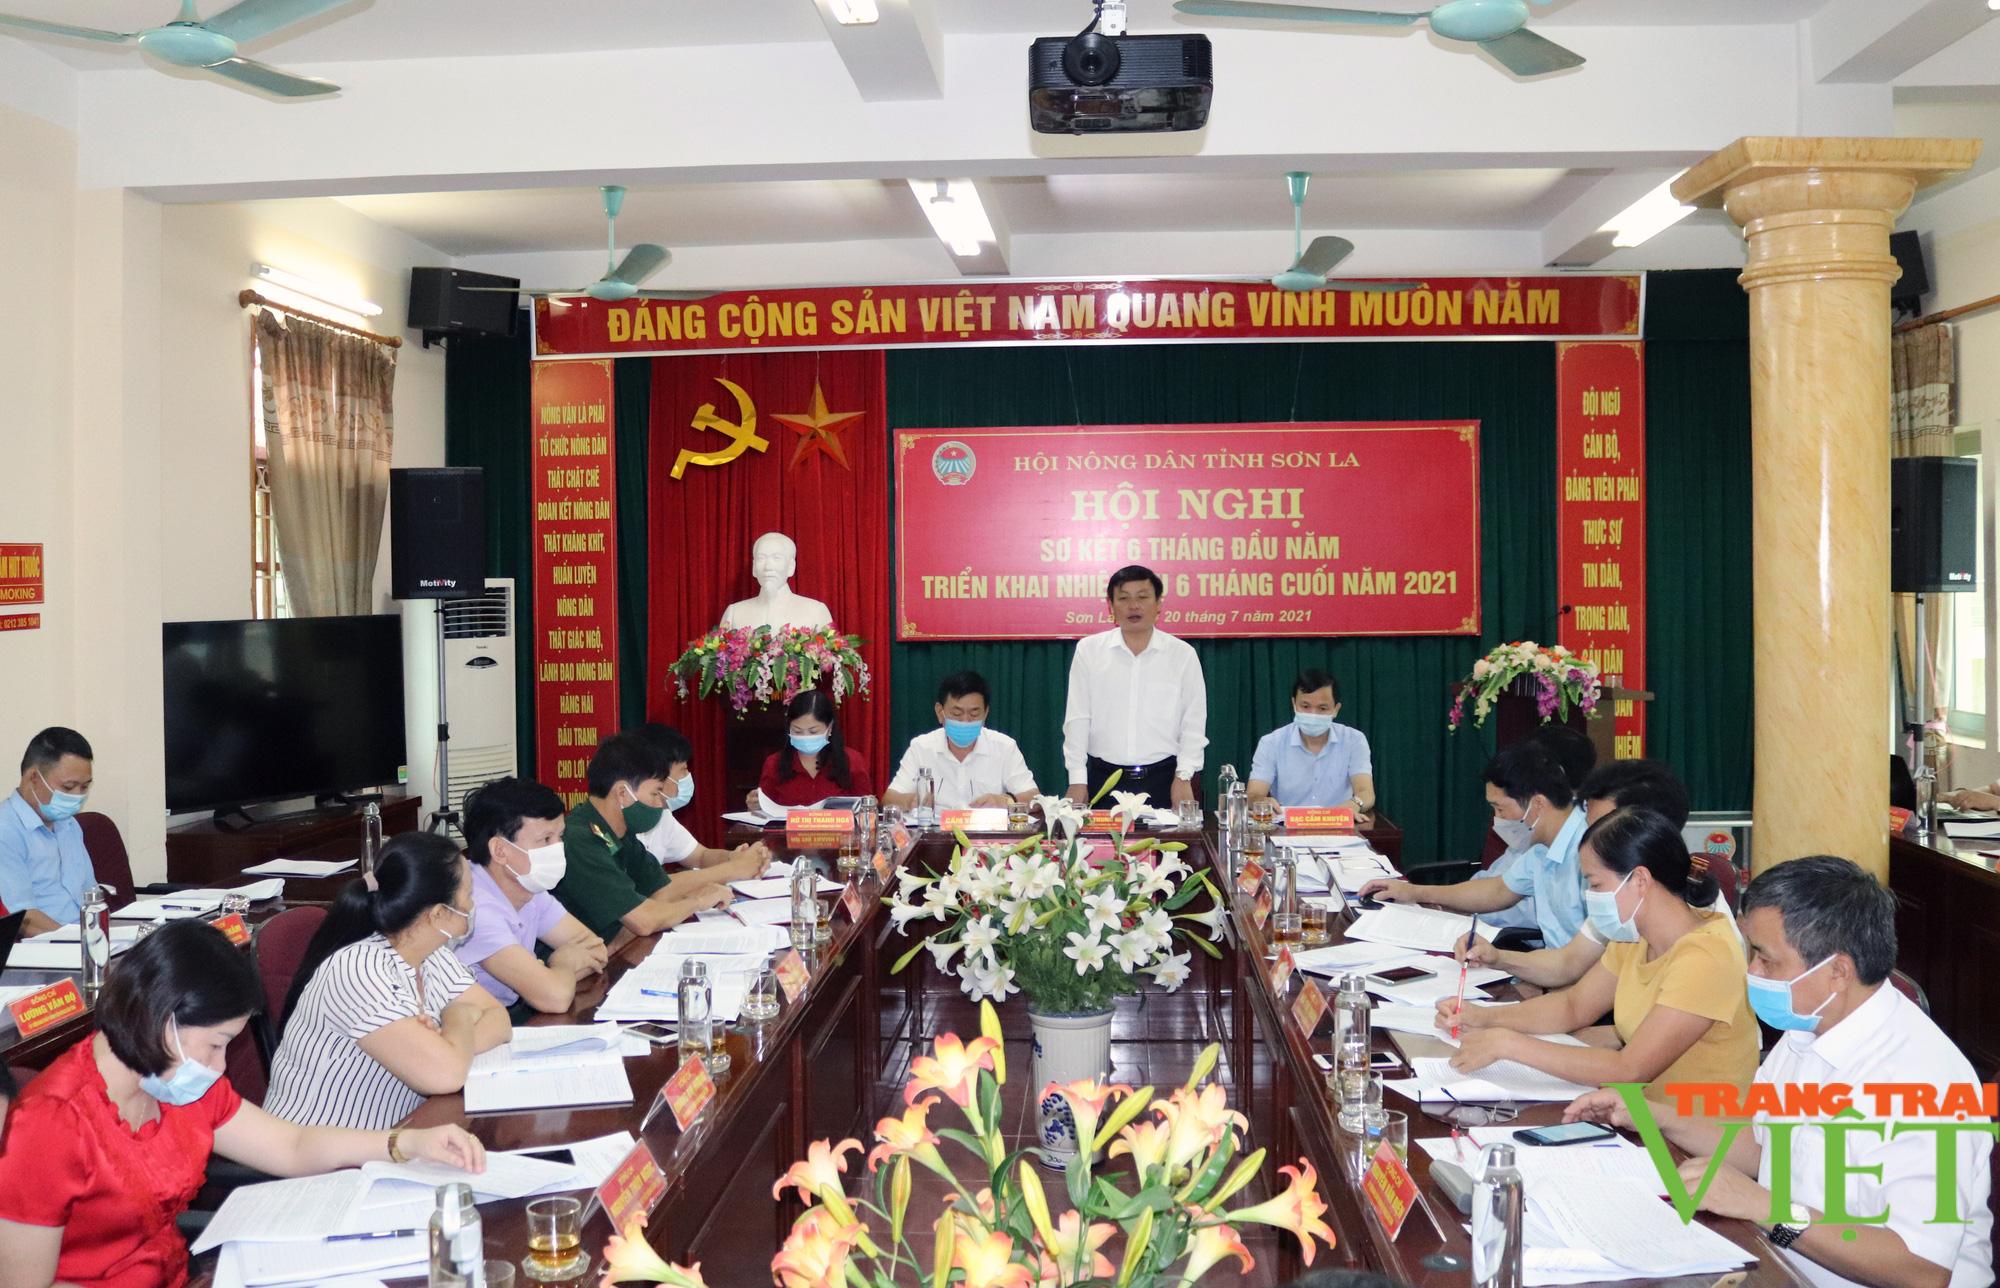 HND Sơn La: Hội nghị sơ kết 6 tháng đầu năm - Ảnh 1.